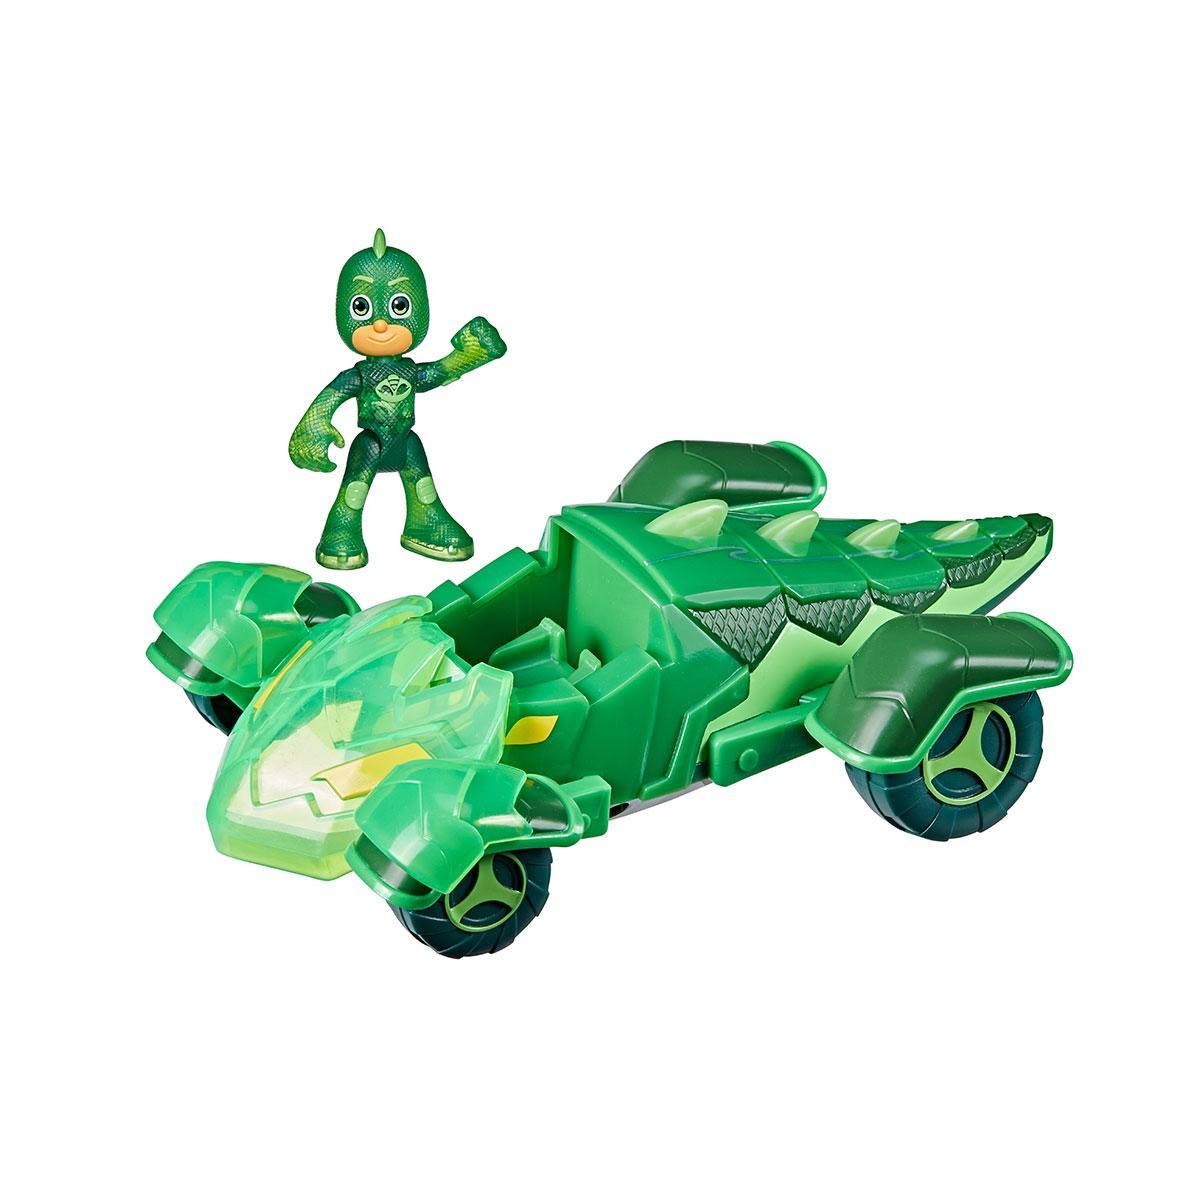 Набор с игровым транспортом герои в масках - гоночный геккомобиль (с фигуркой, светится)